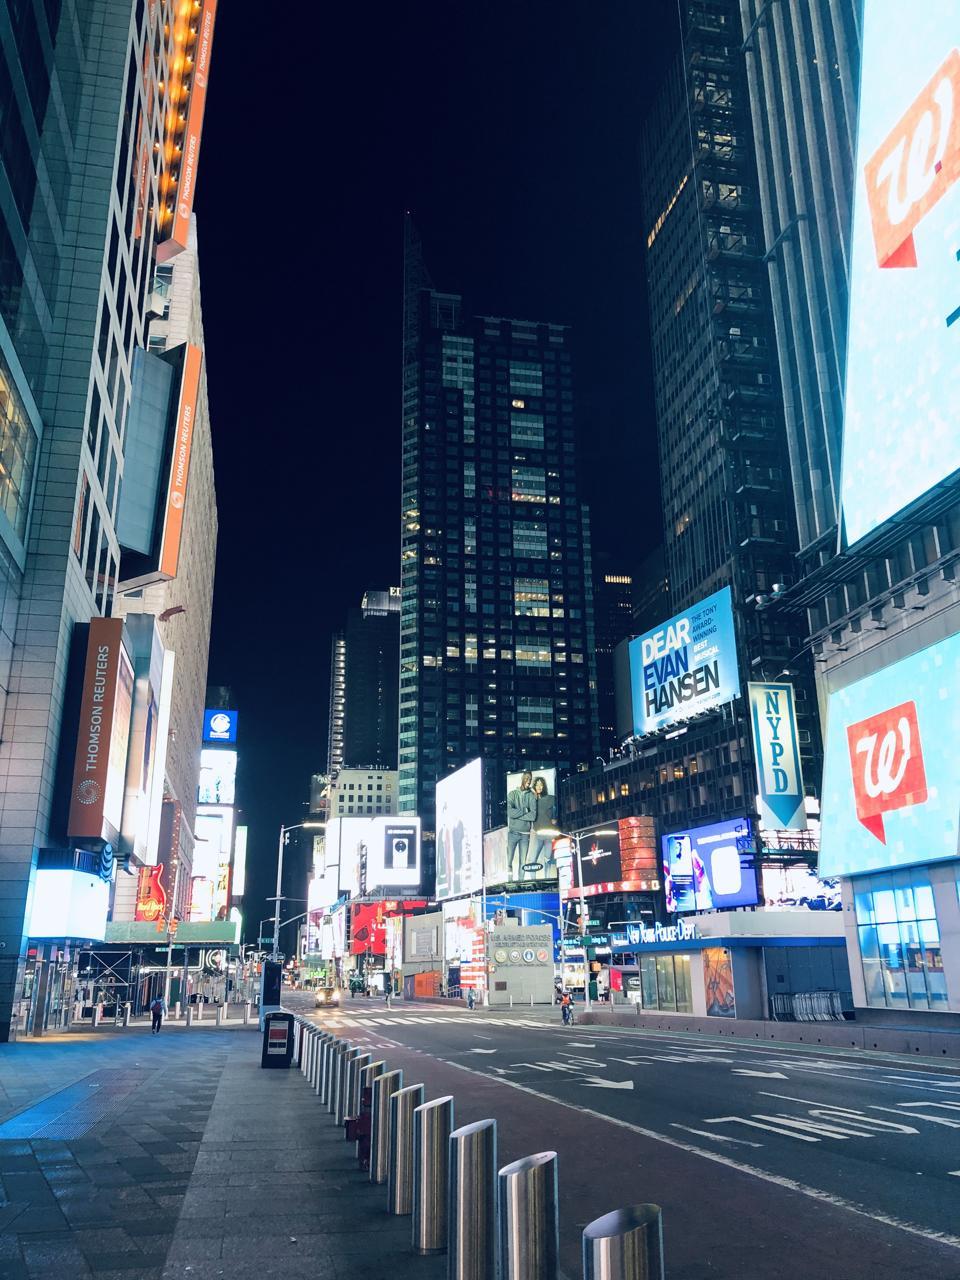 Times Square, NYC, USA